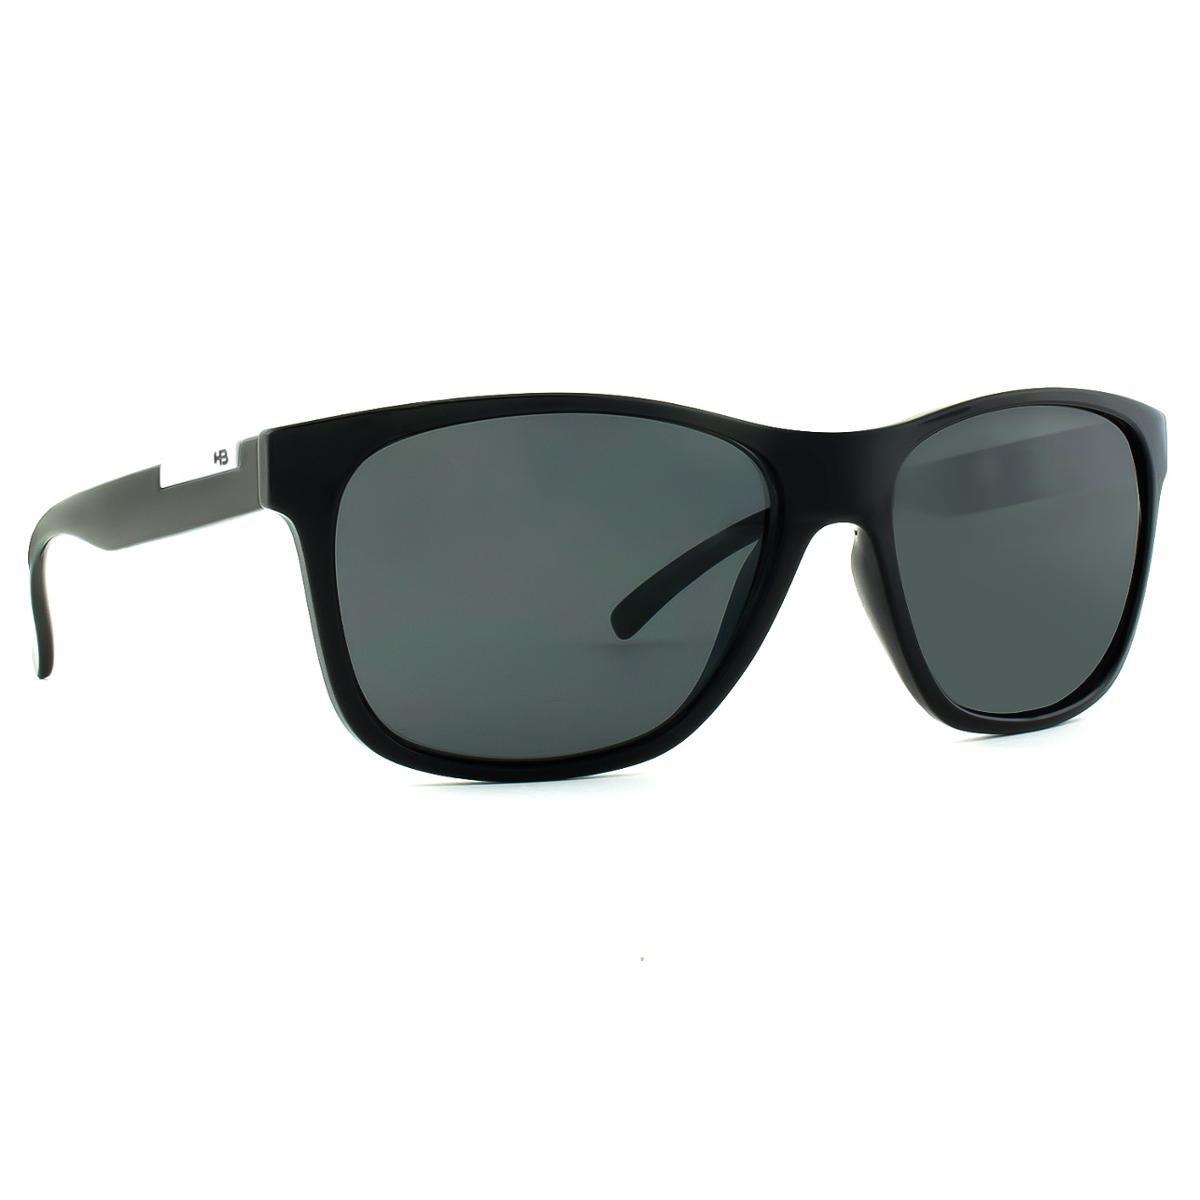 Óculos HB Underground 90114 Polarizado 71825 - Compre Agora   Netshoes 298081ff46